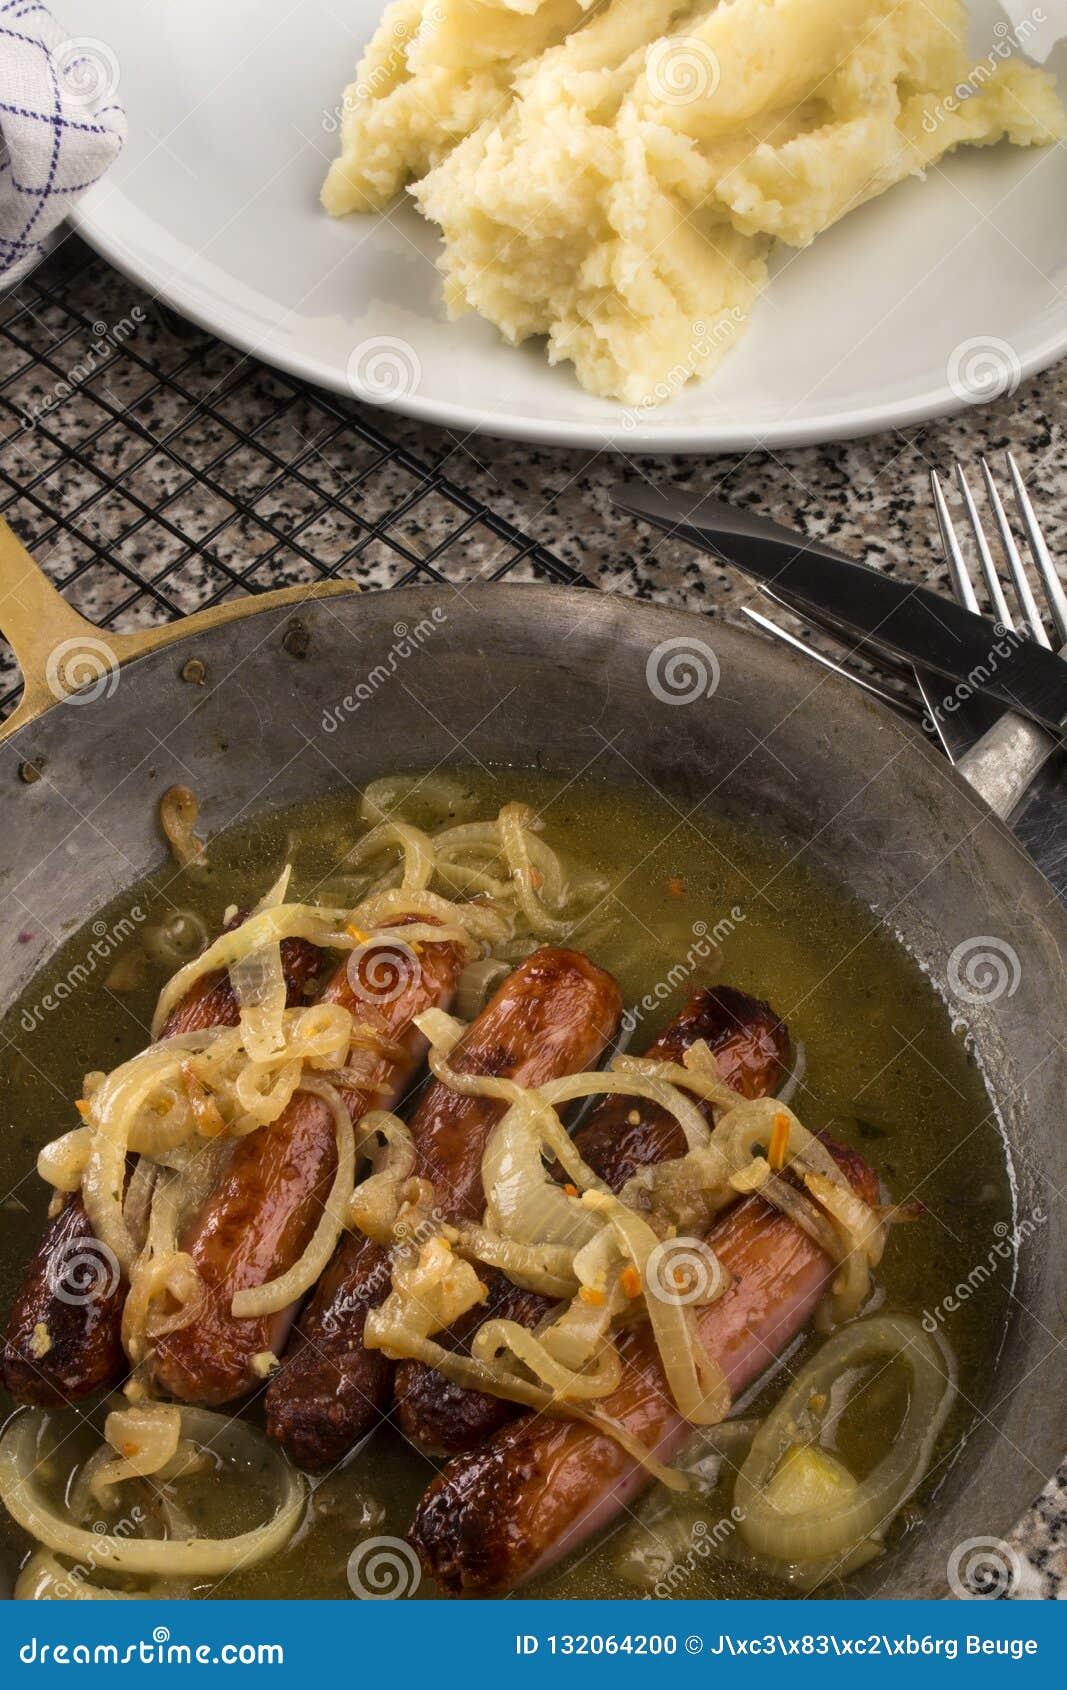 Banger en stampt een zeer typische Ierse maaltijd fijn